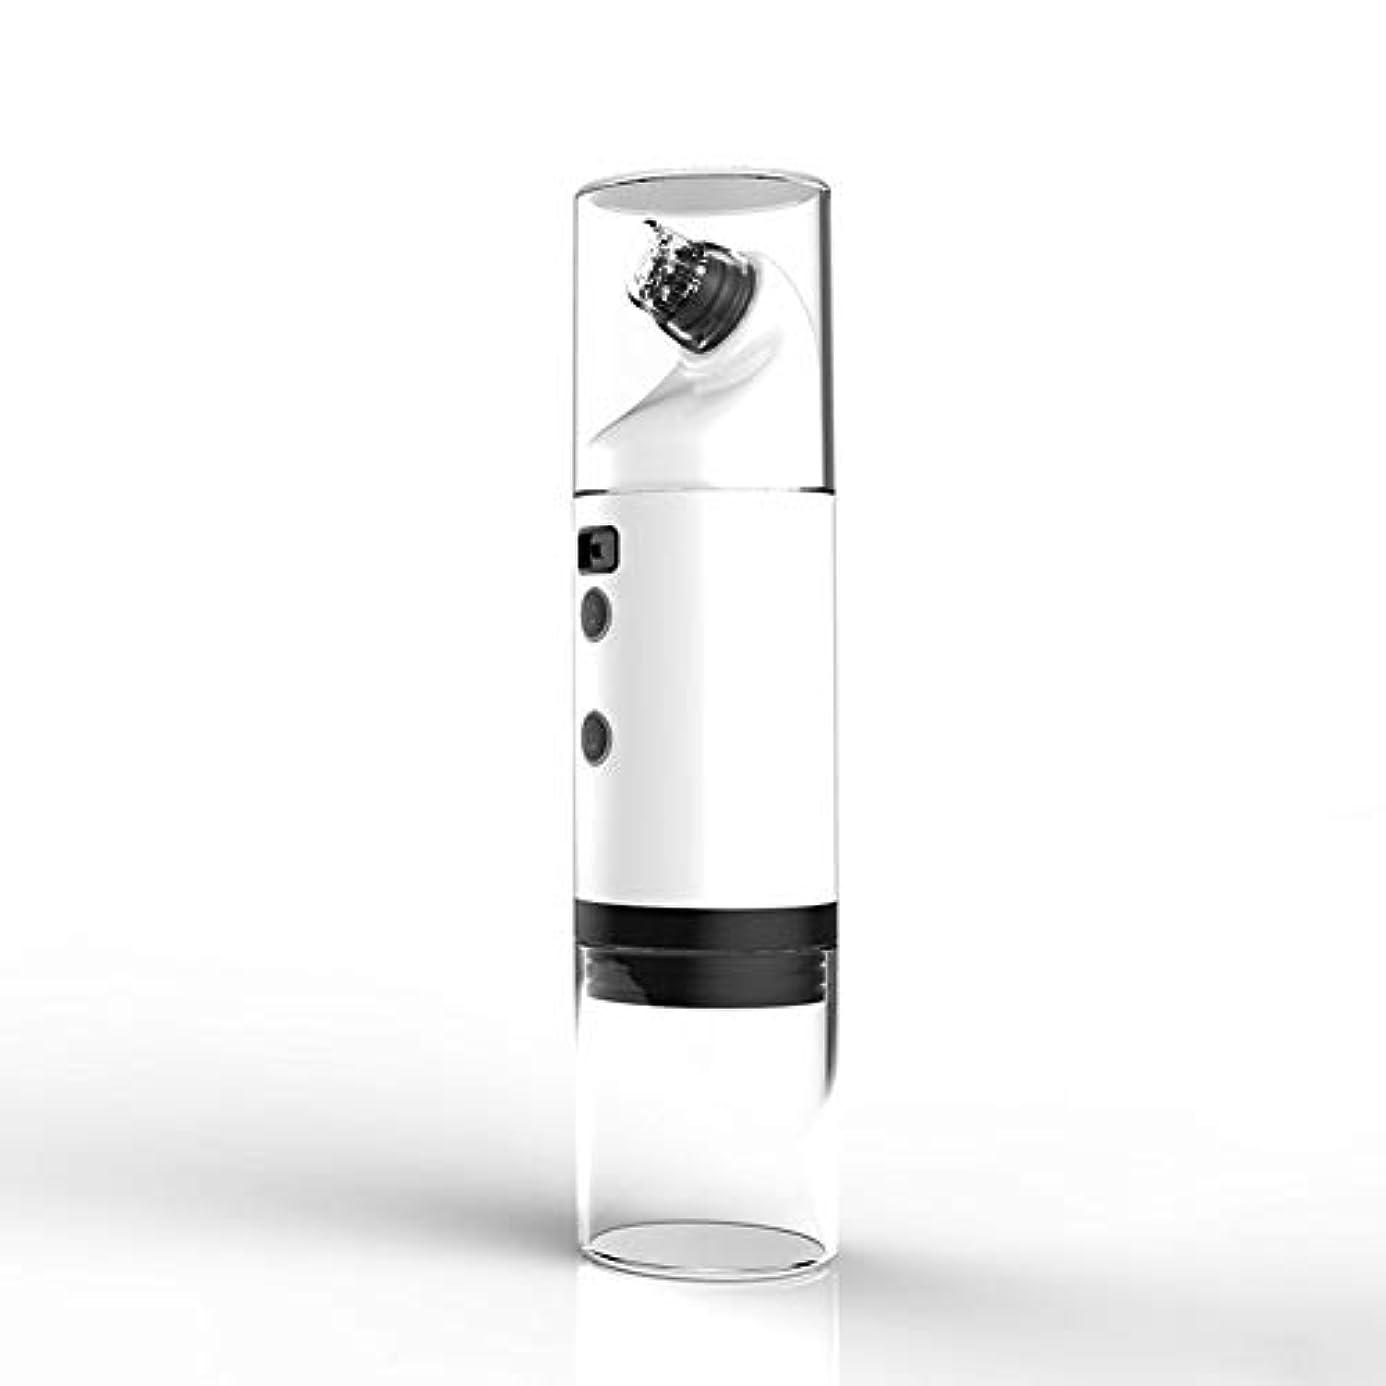 送信する報復するボールにきび楽器、電気吸引にきび世帯、毛穴クリーニング小さな泡美容器具、、フェイス鼻のためのLEDディスプレイと充電式USBおでこホワイトヘッドクリーン